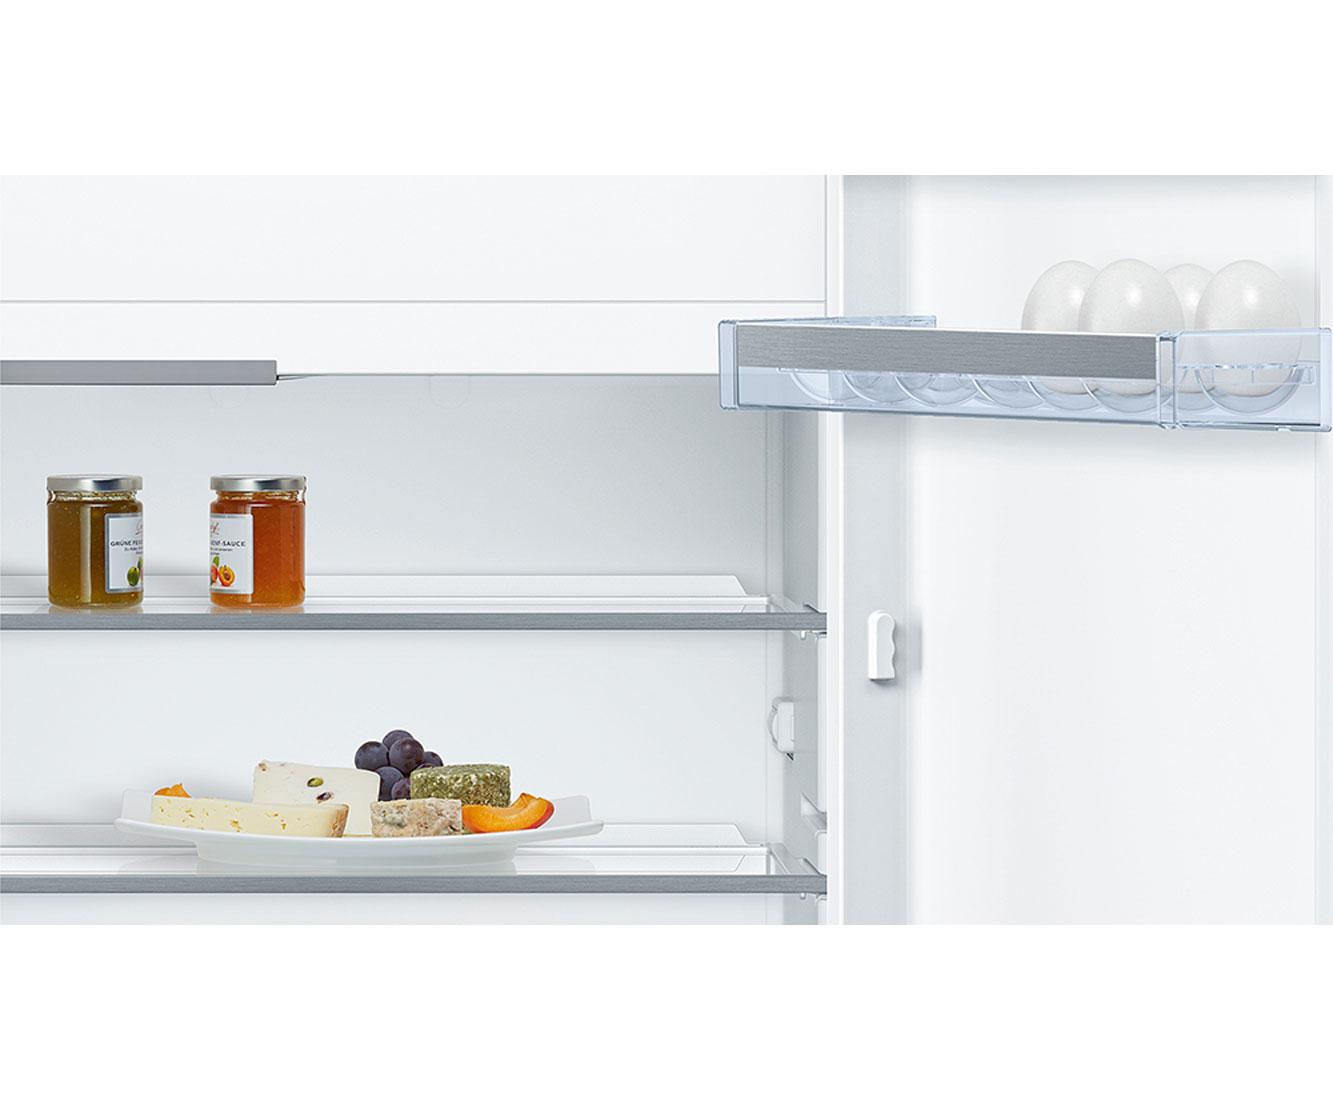 Bosch Kühlschrank Temperatur : Bosch serie kil vf einbau kühlschrank mit gefrierfach er